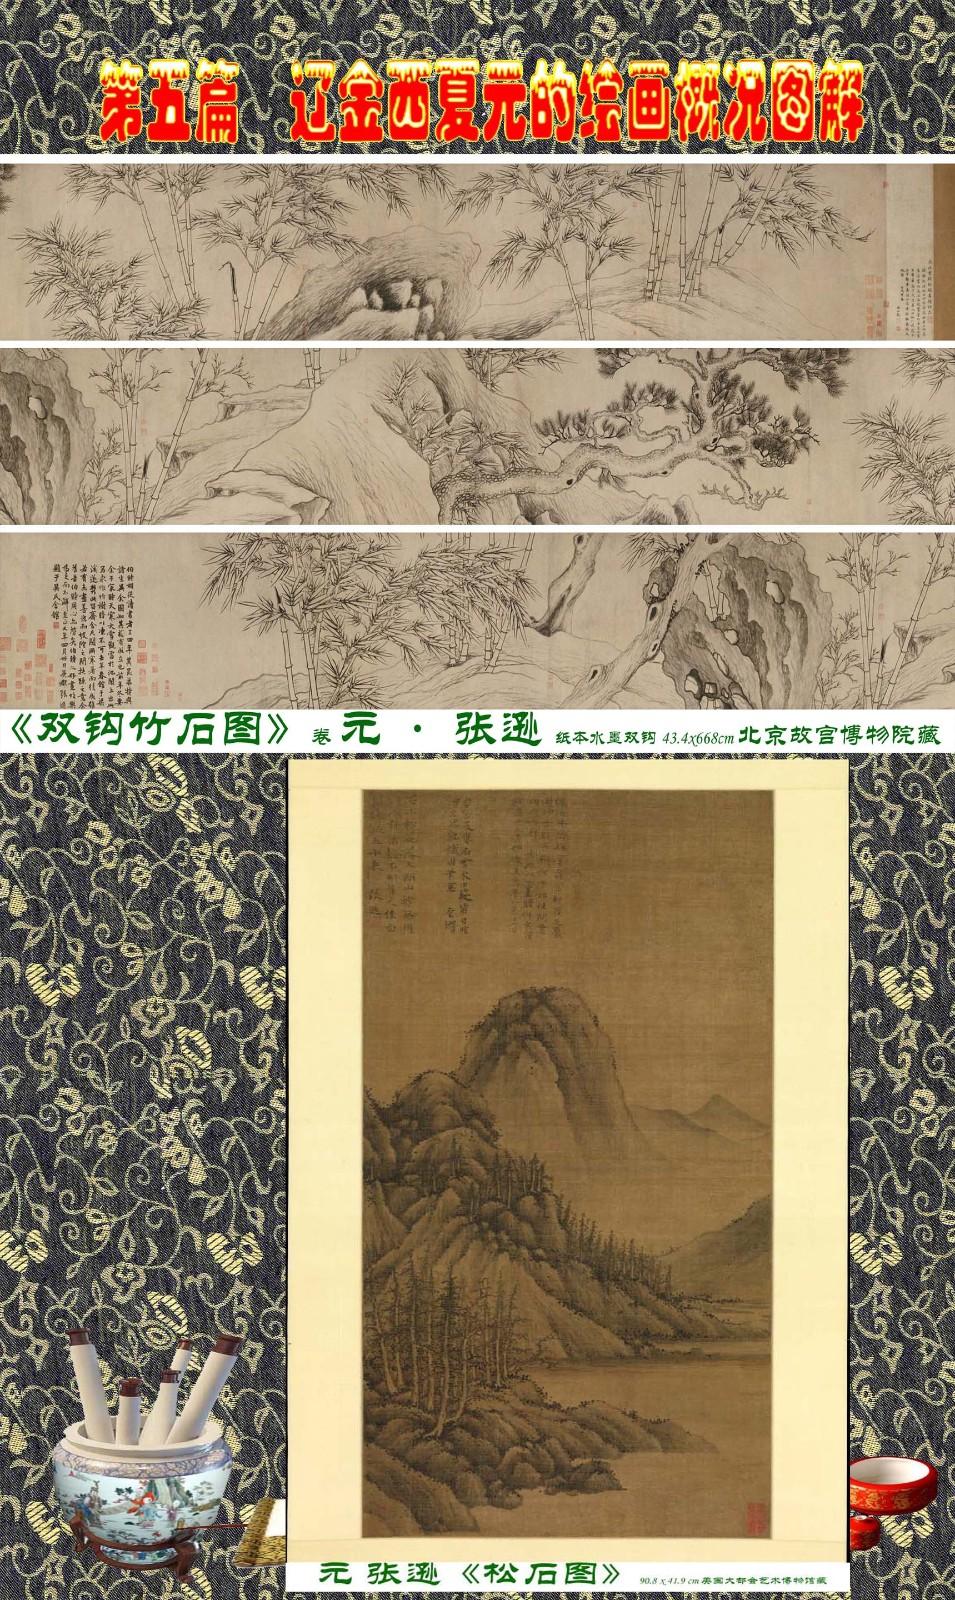 顾绍骅编辑 中国画知识普及版 第五篇 辽金西夏元的绘画概况 下 ... ..._图1-109